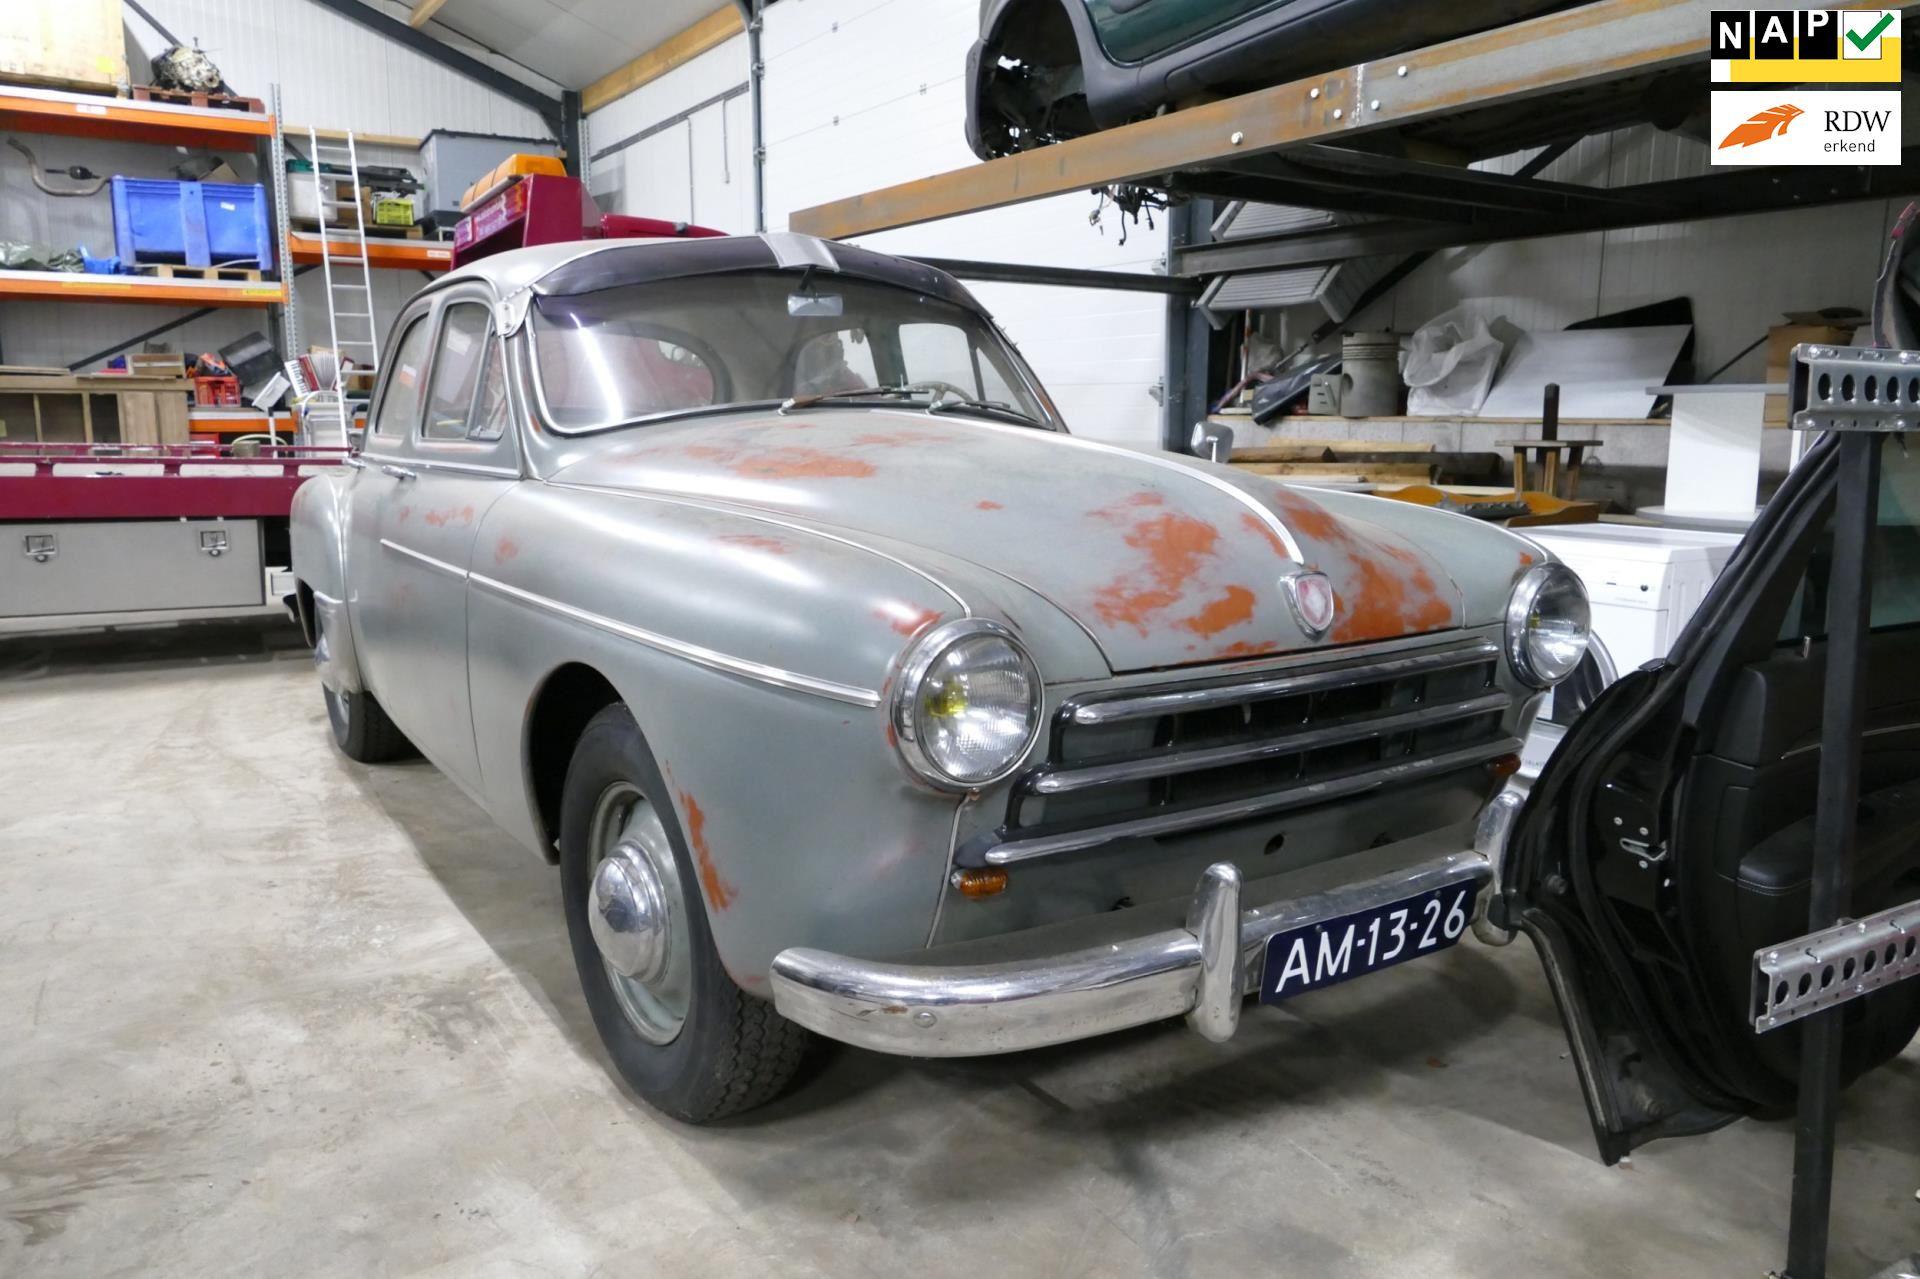 Renault R 1100 occasion - Autobedrijf John van Melis